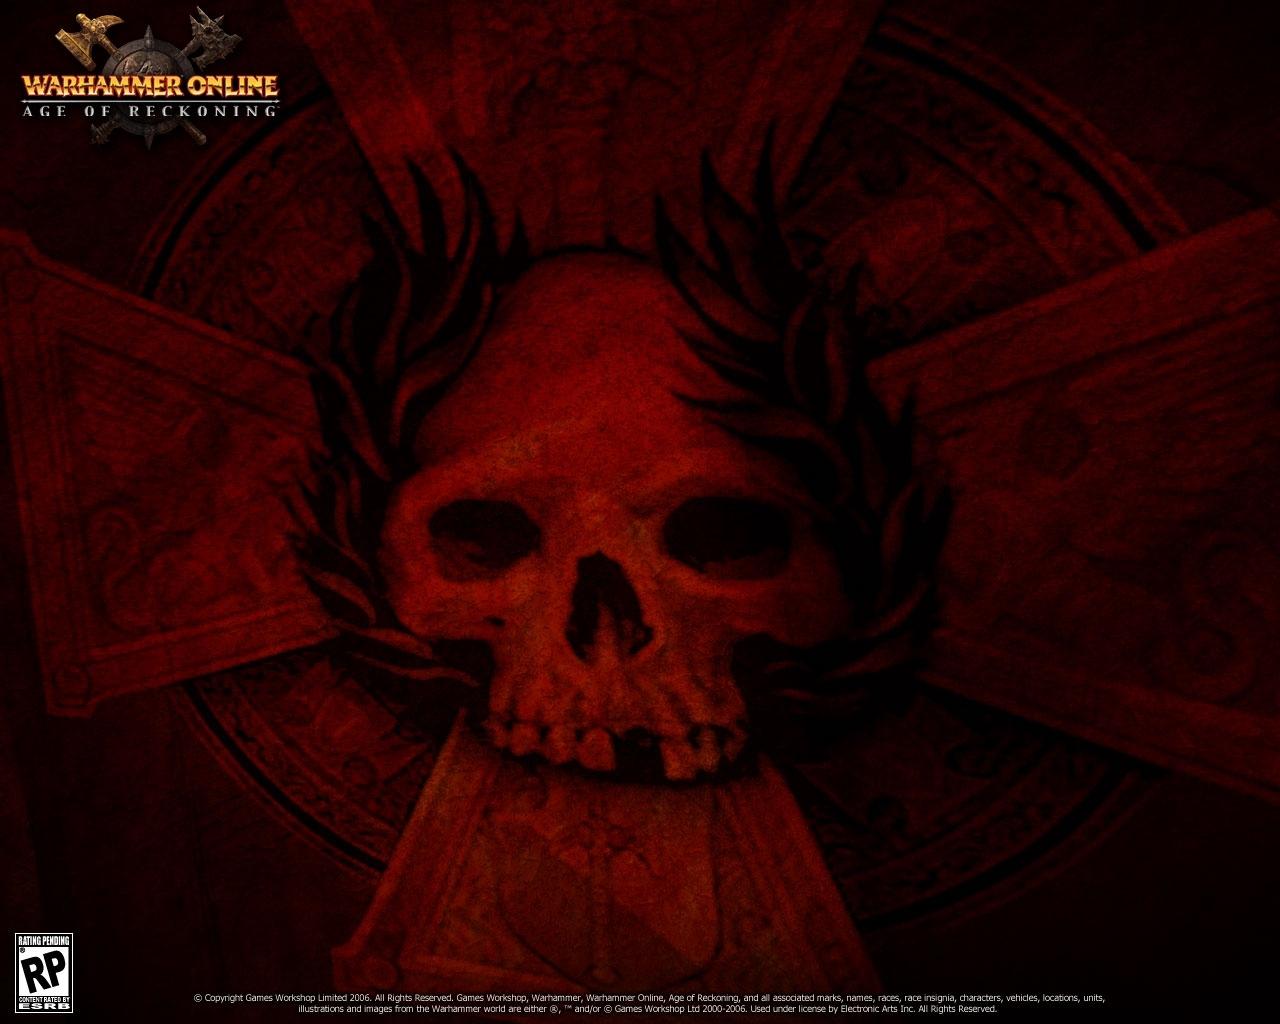 2770 Заставки и Обои Смерть на телефон. Скачать Смерть, Игры, Арт, Warhammer картинки бесплатно